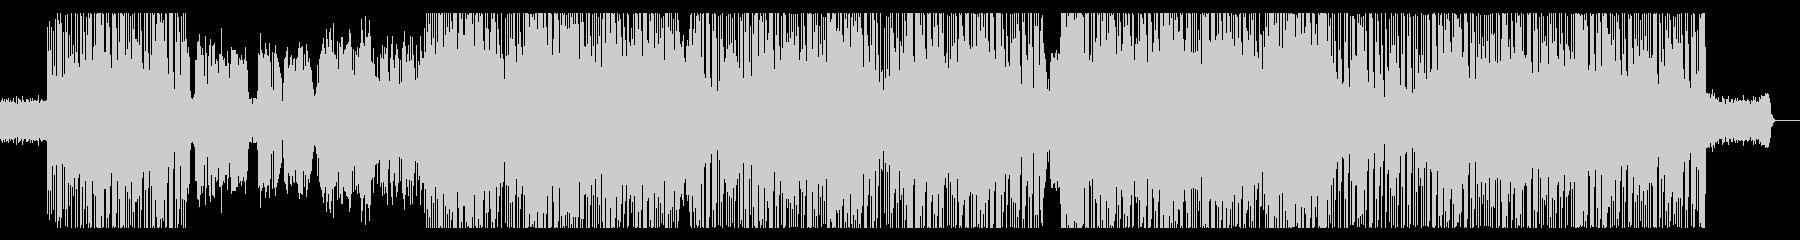 洋楽 女性ボーカル80s  シンセポップの未再生の波形